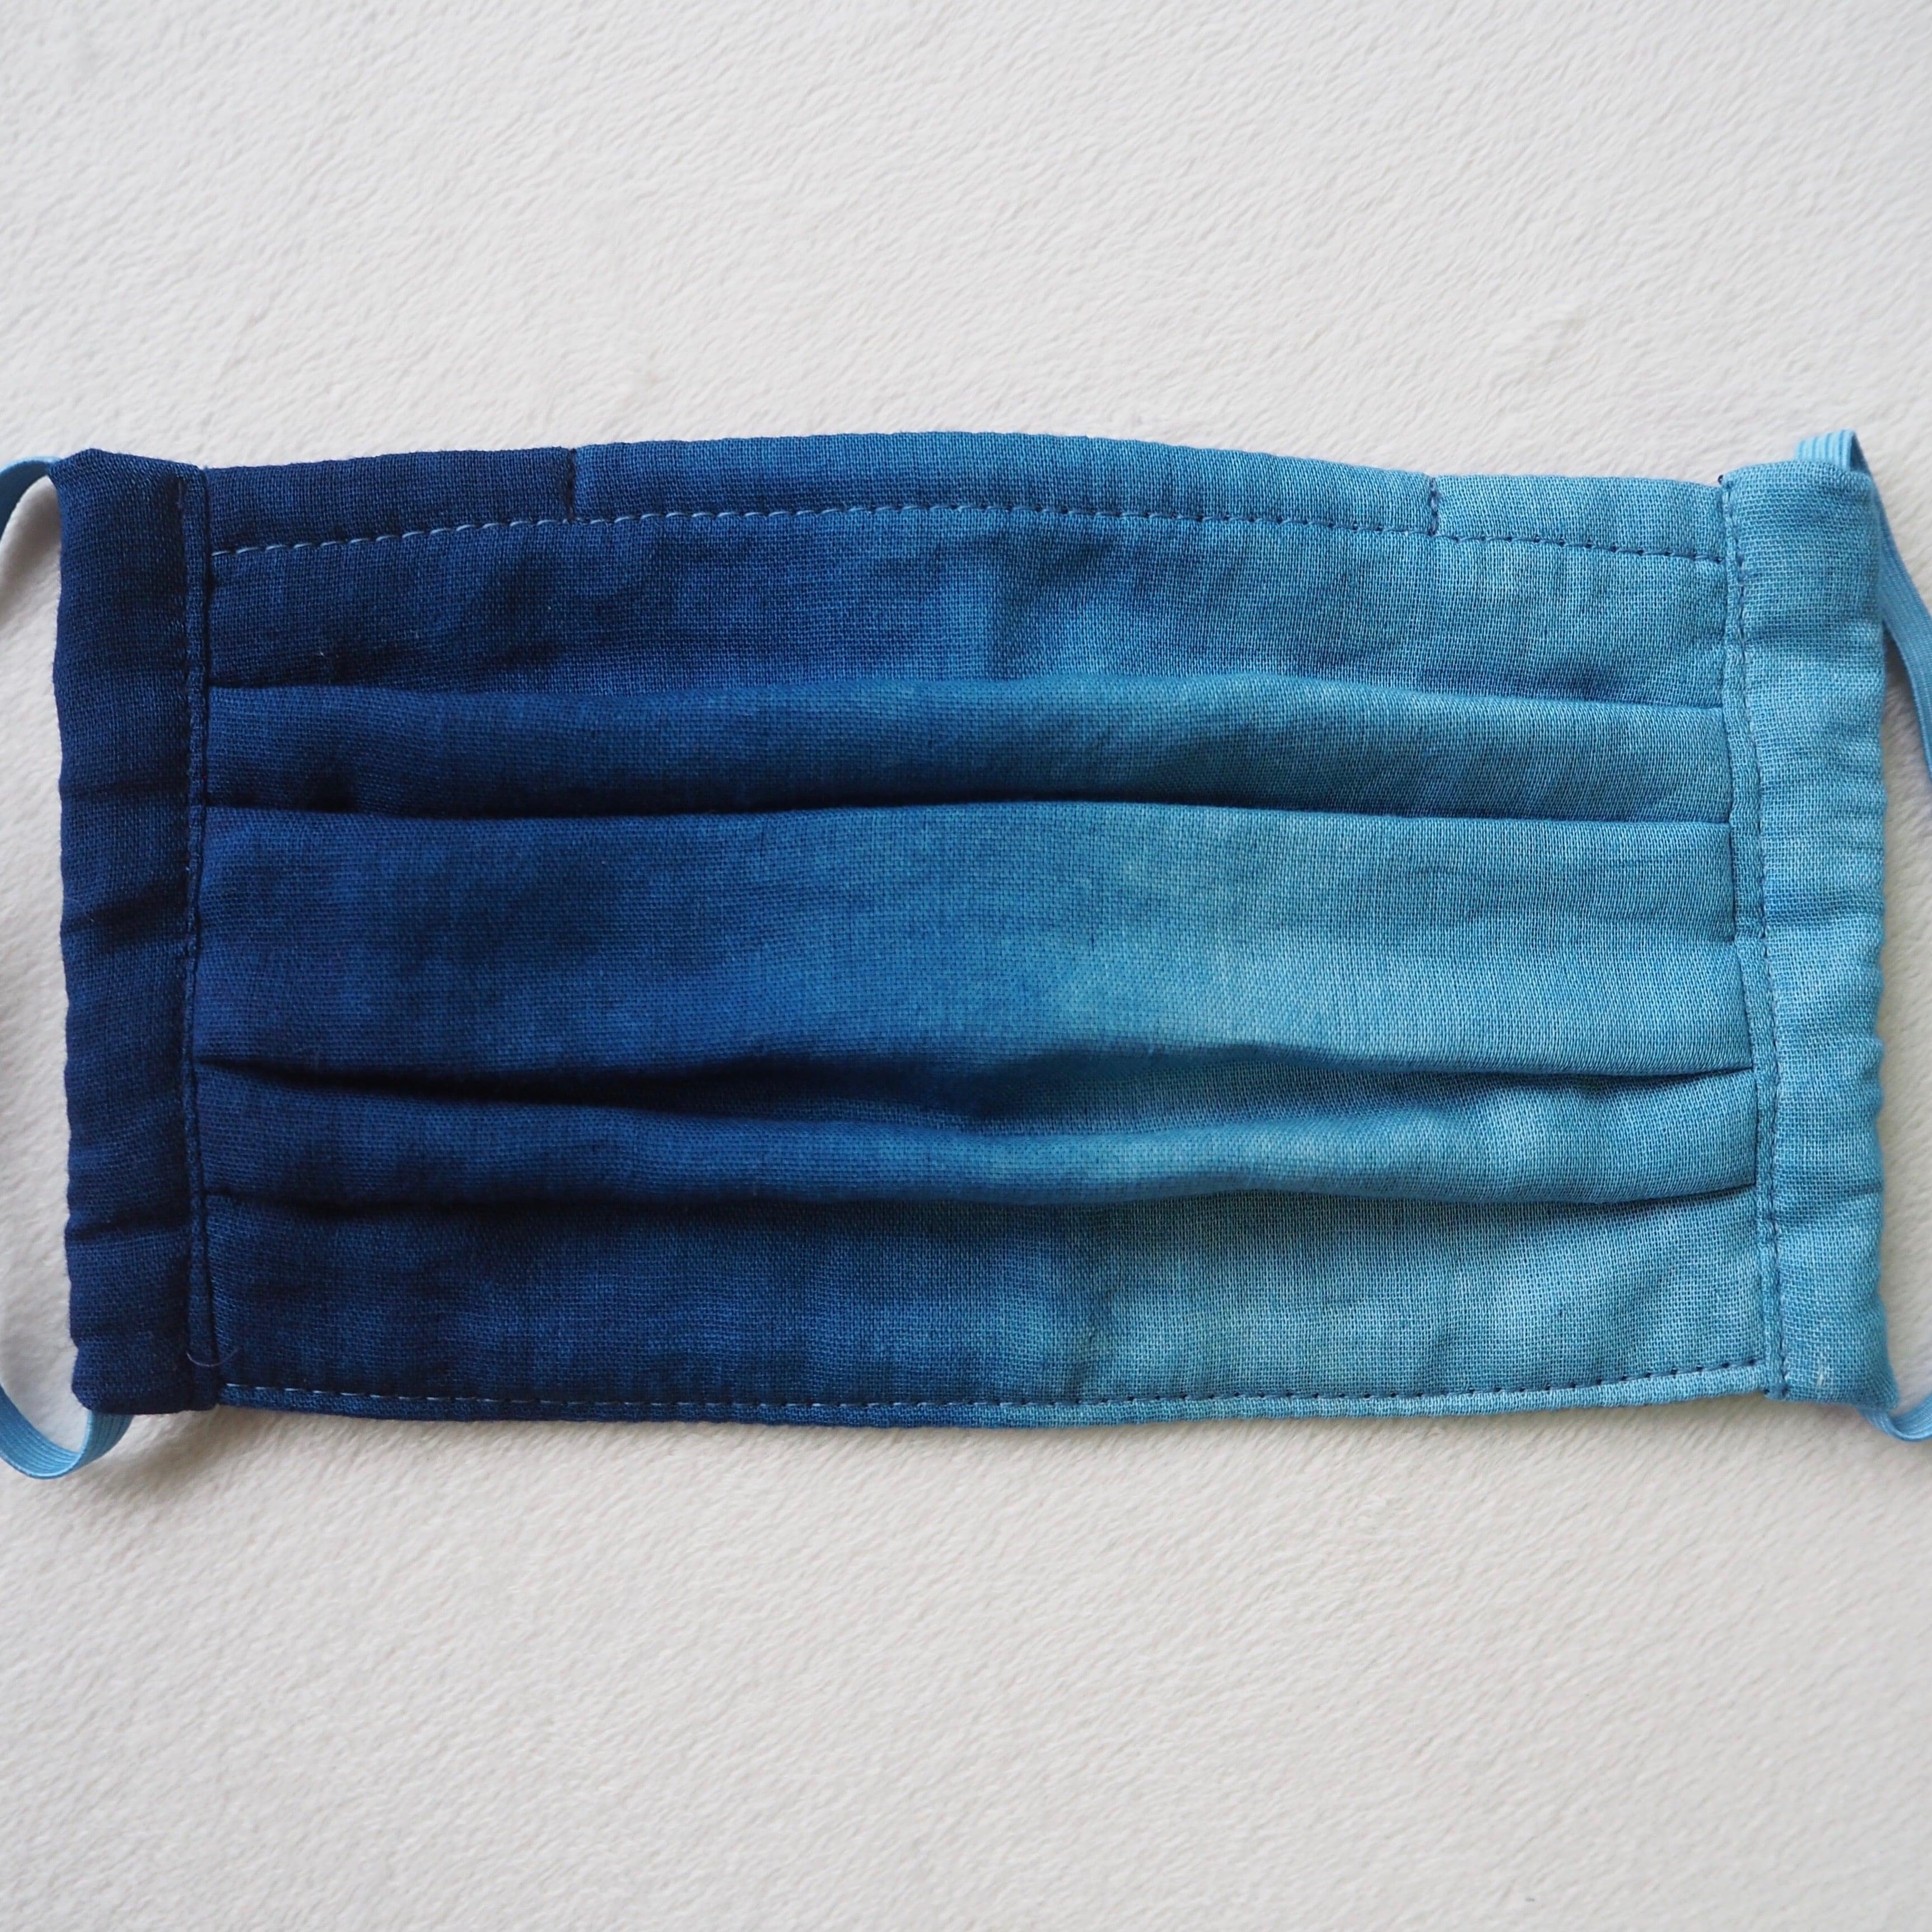 藍染めガーゼ 5 層仕立て 快適サラサラプリーツマスク(横グラデーション)